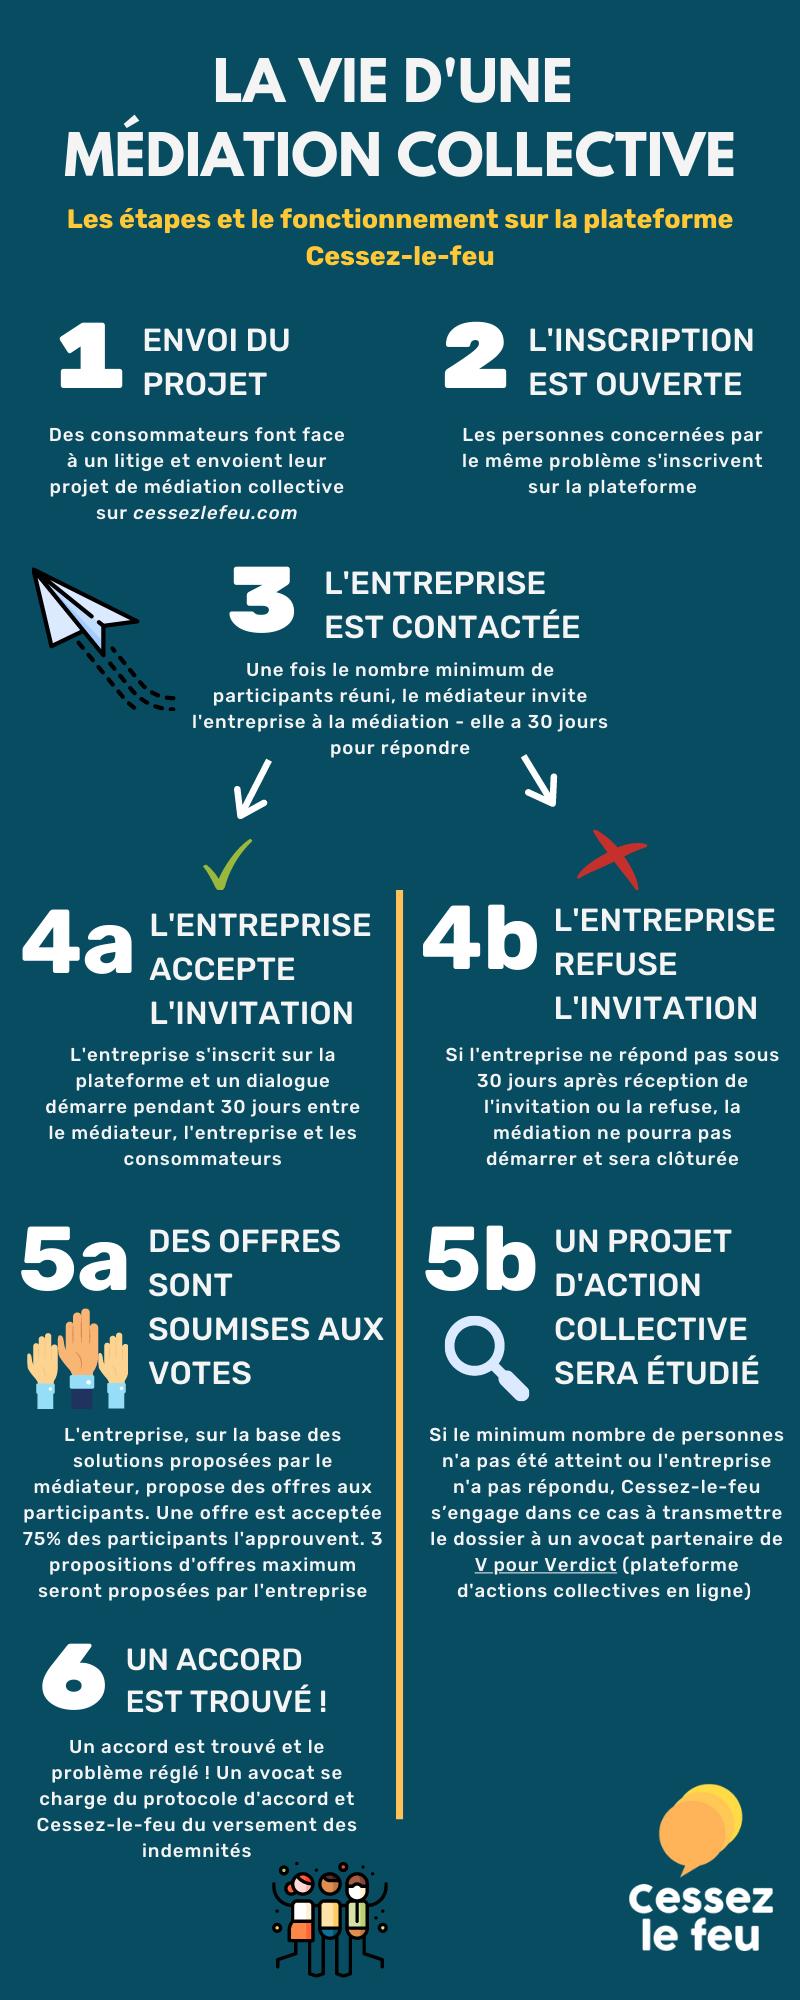 Processus médiation collective sur Cessez-le-feu infographie